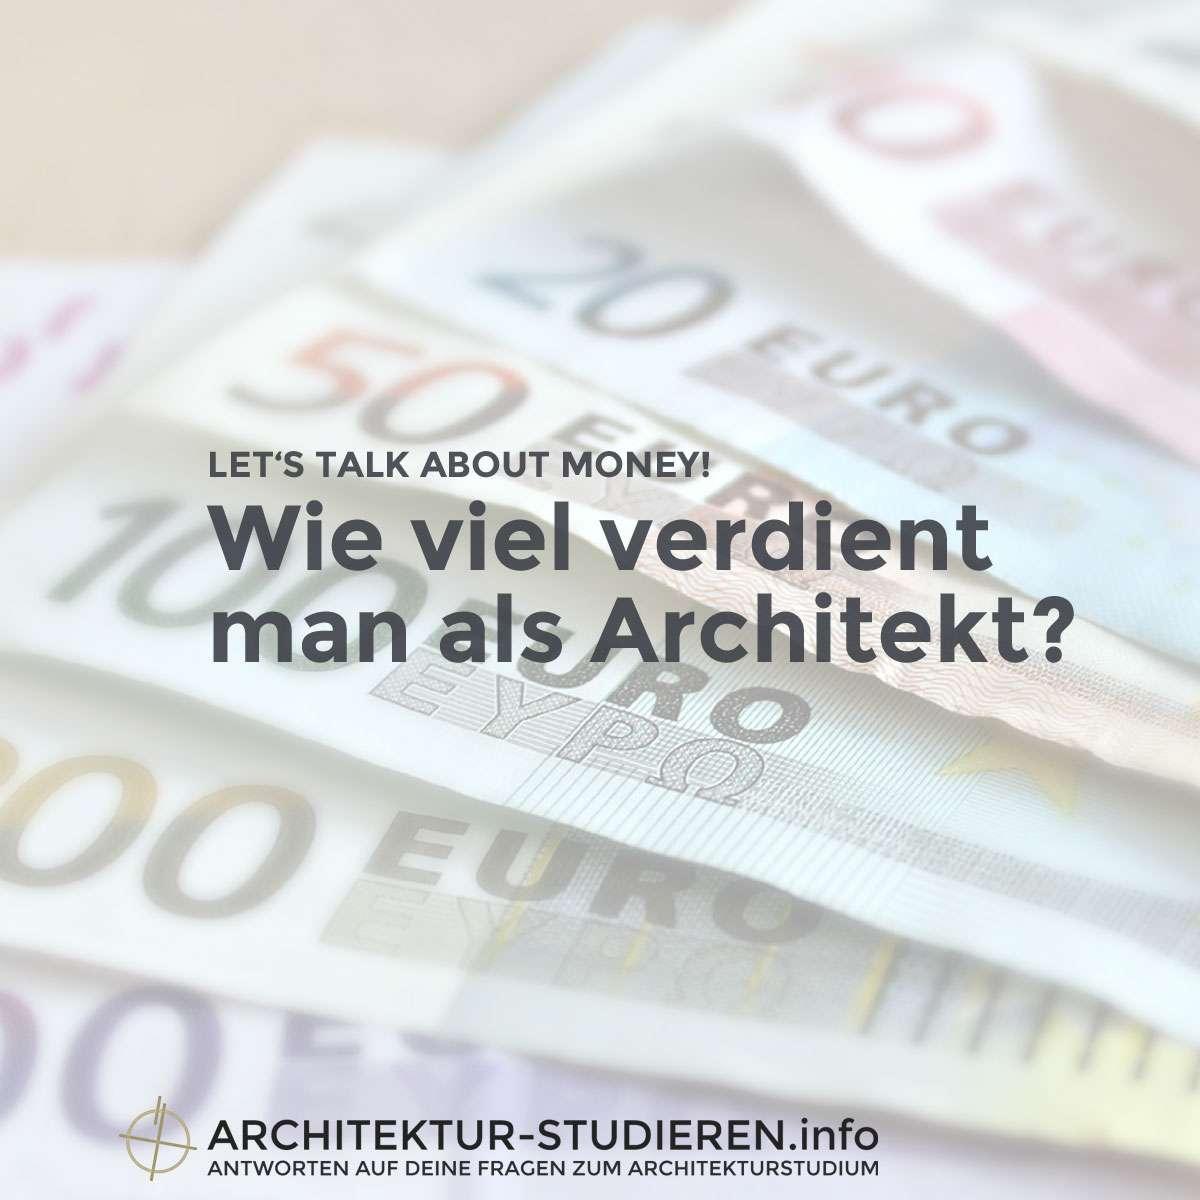 Wie viel verdient man als Architekt? | Architektur-studieren.info